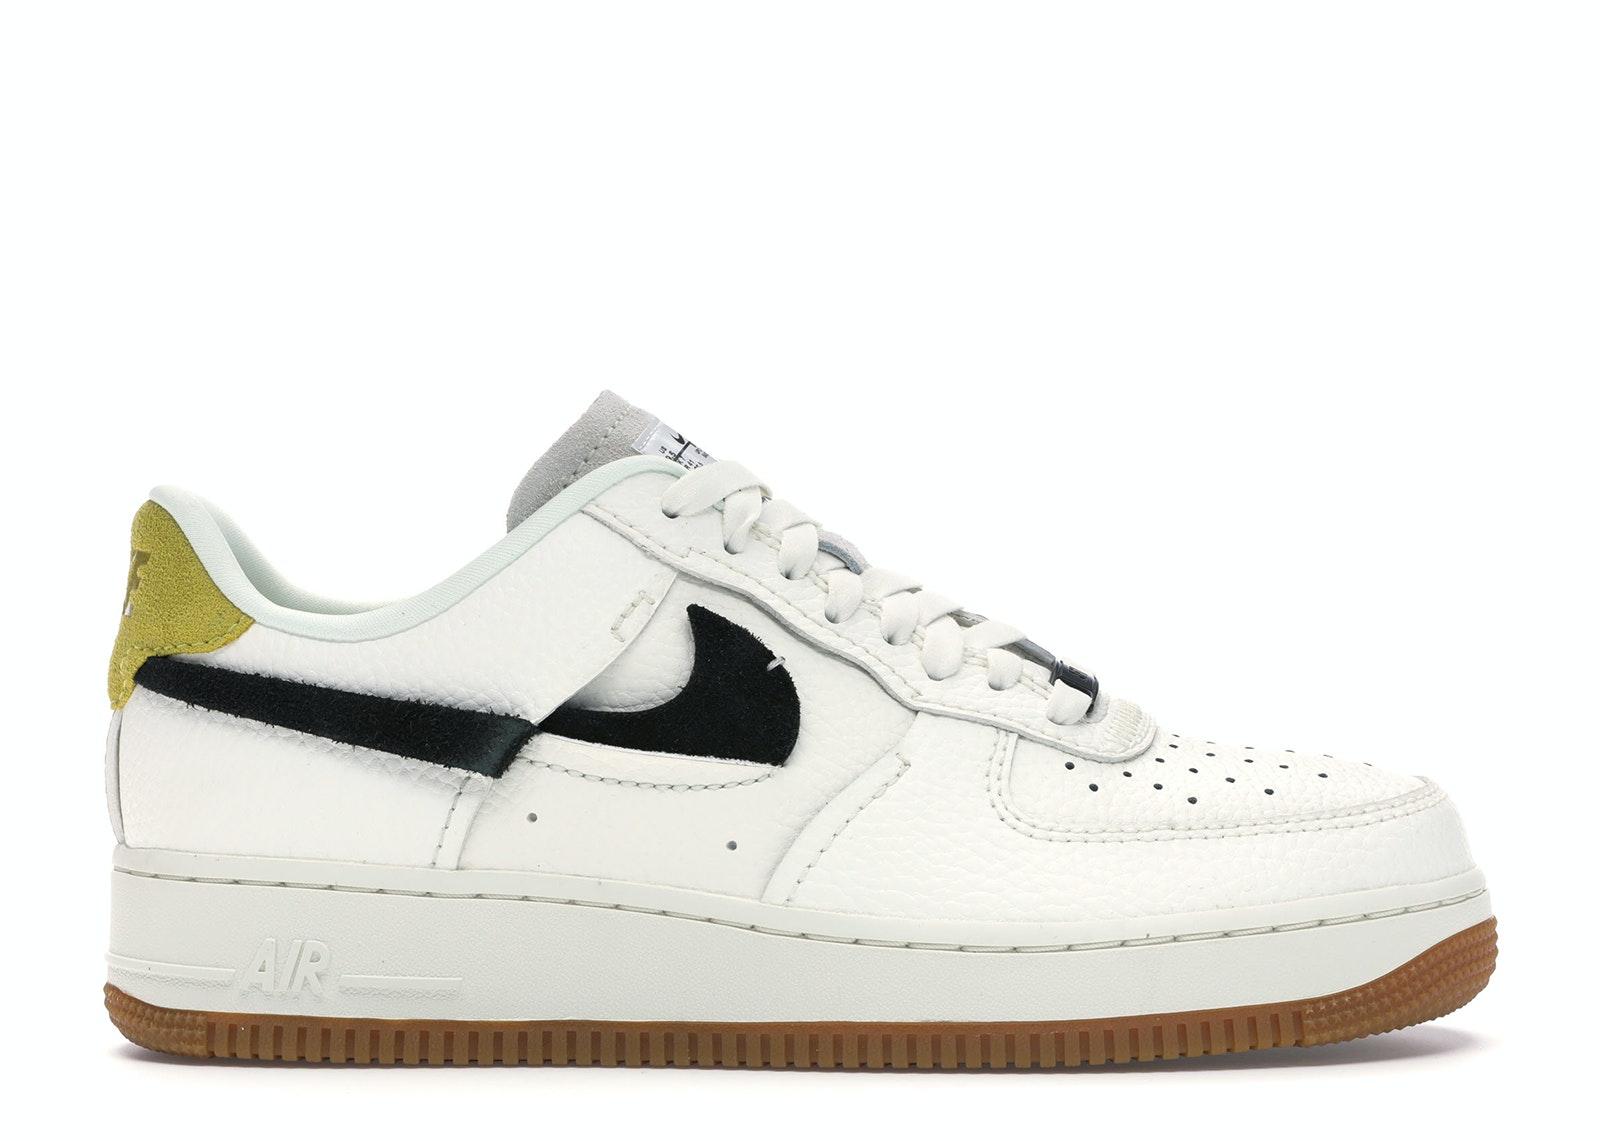 Nike Air Foamposite One Men s Shoes ...Amazon.com